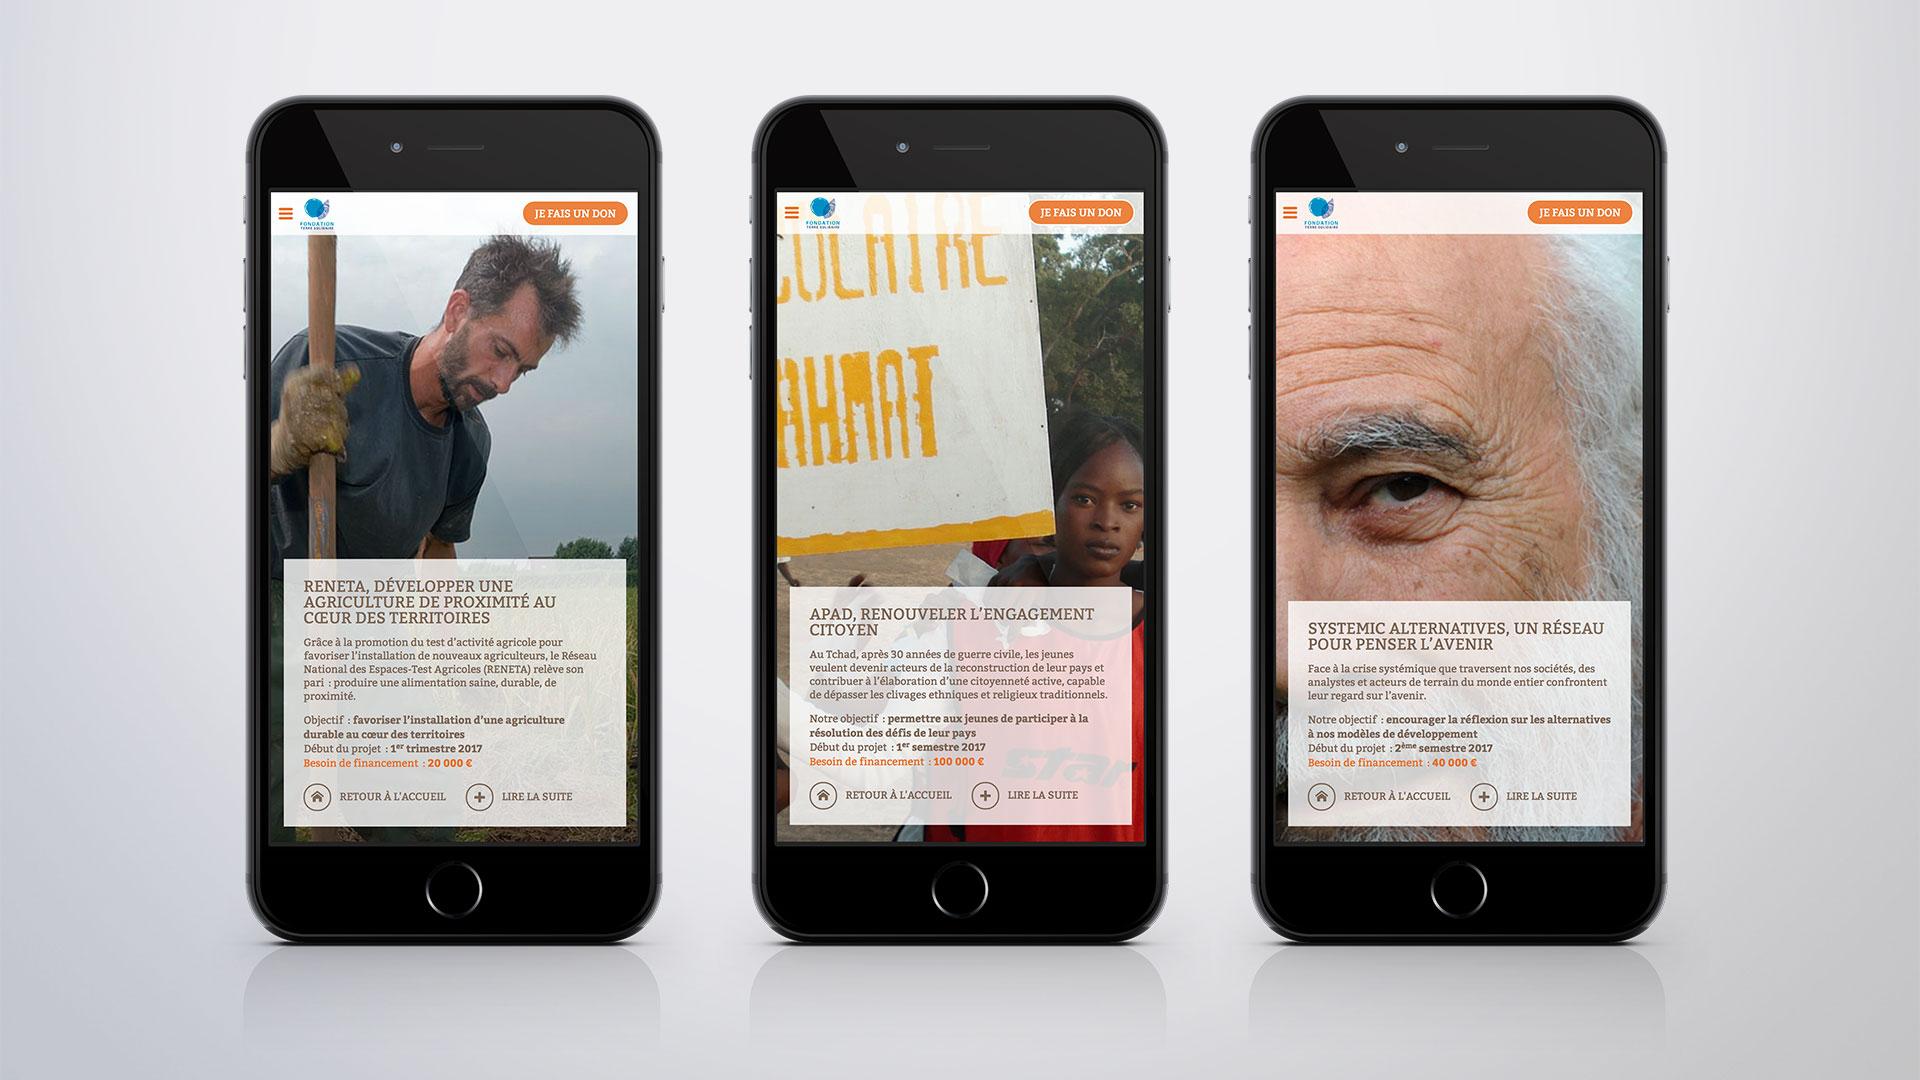 Site Internet de la Campagne de don en ligne pour le CCFD-Terre solidaire